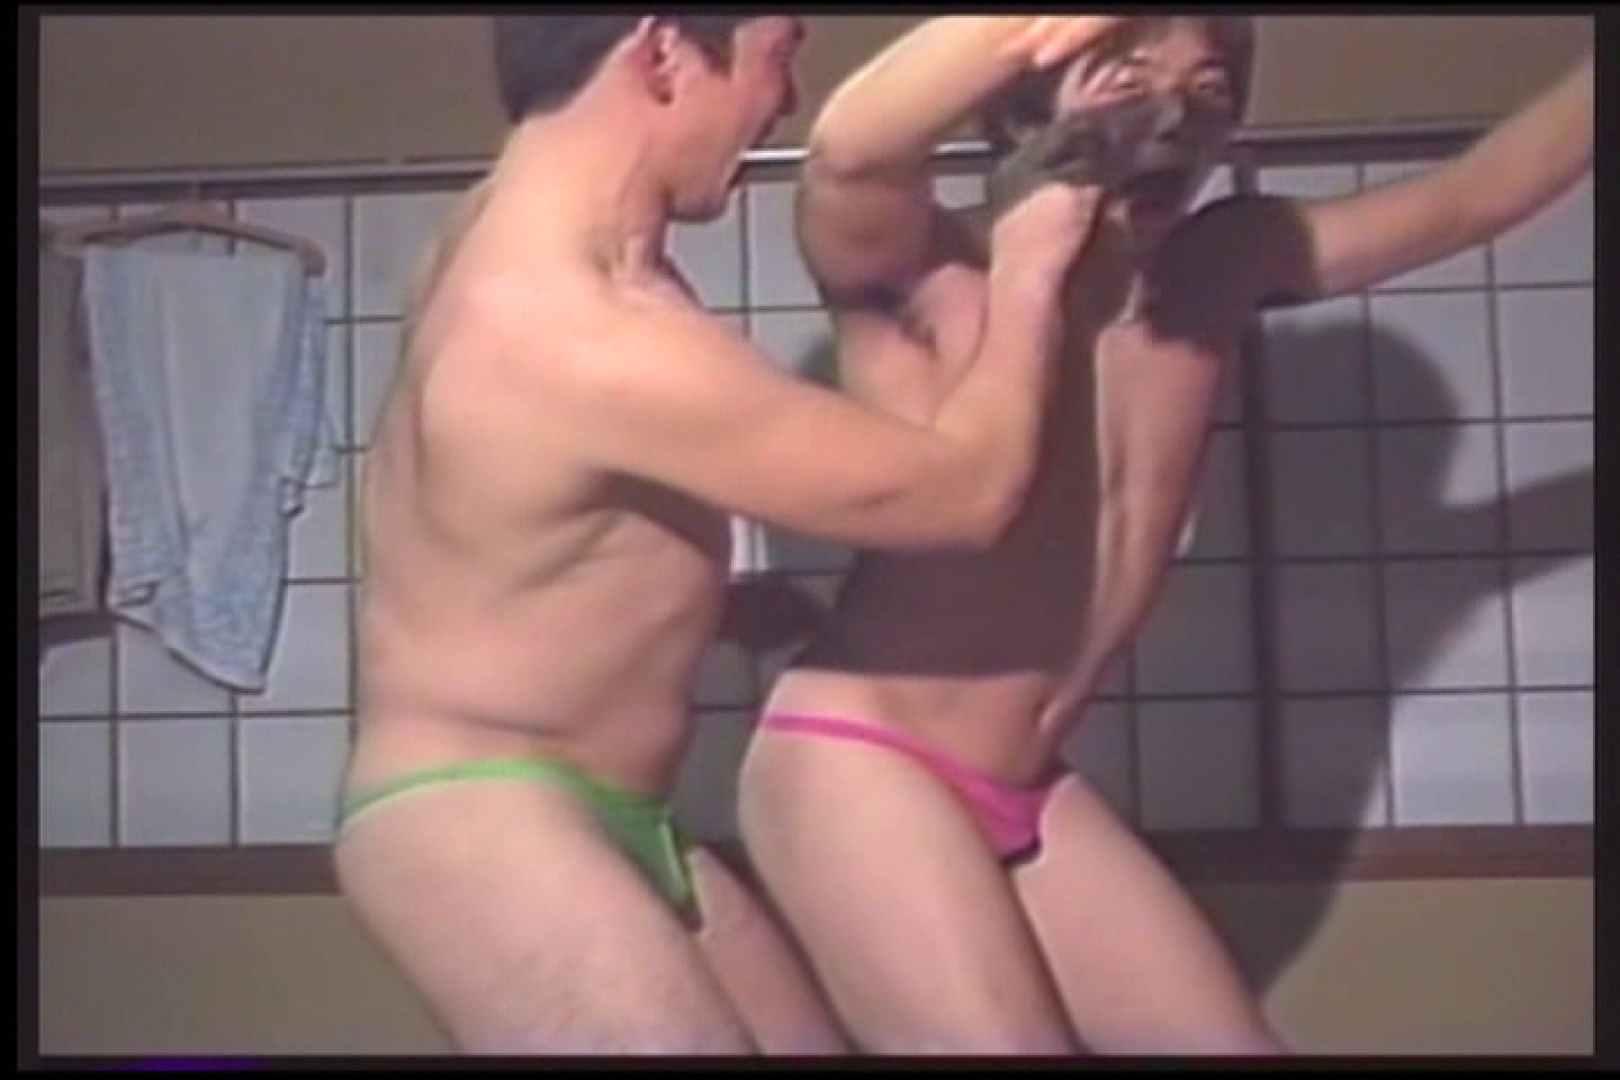 若人は元気!新歓合宿にておふざけ特集VOL.03 ゲイな学生 ゲイモロ見え画像 87連発 41